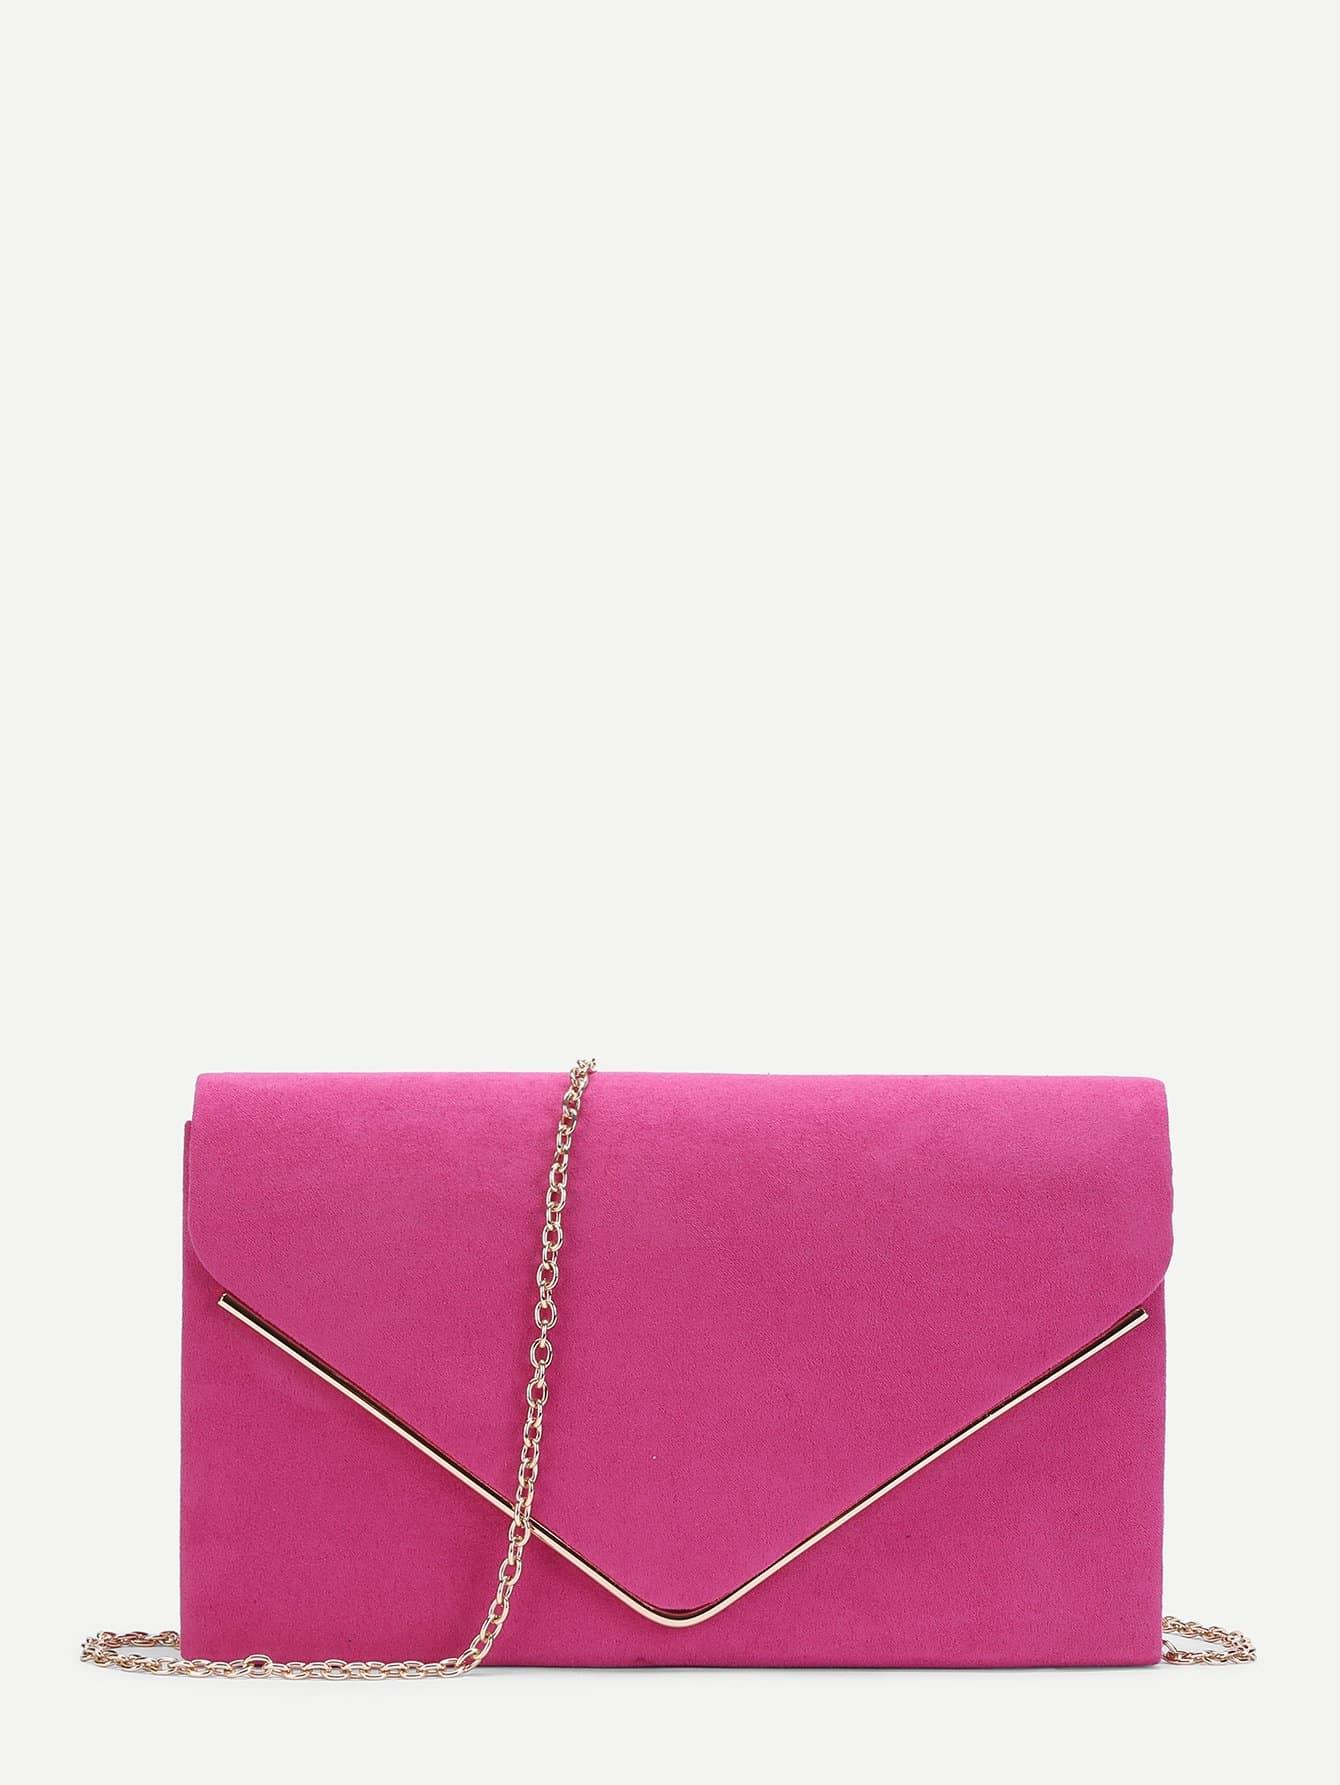 Suede Envelope Clutch Bag transparent envelope clutch bag